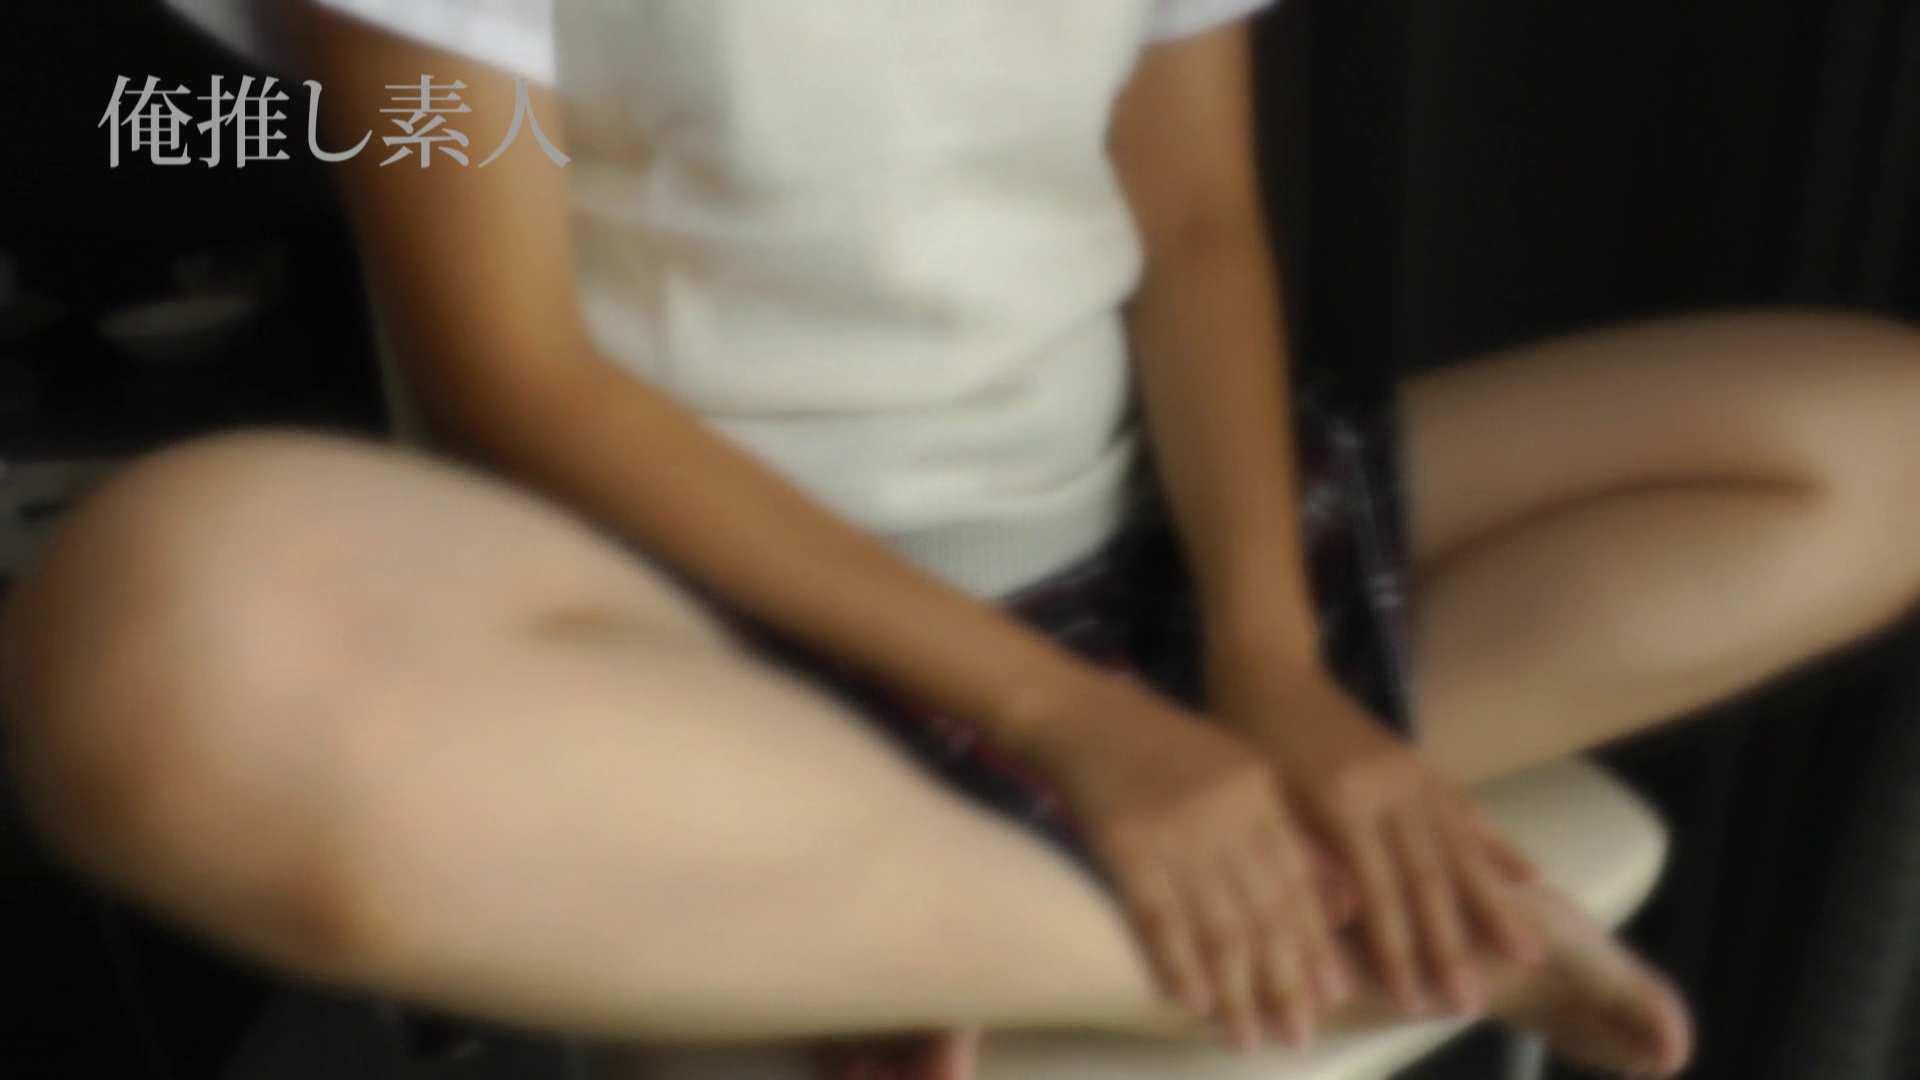 俺推し素人 キャバクラ嬢26歳久美vol6 コスプレ ヌード画像 110枚 17